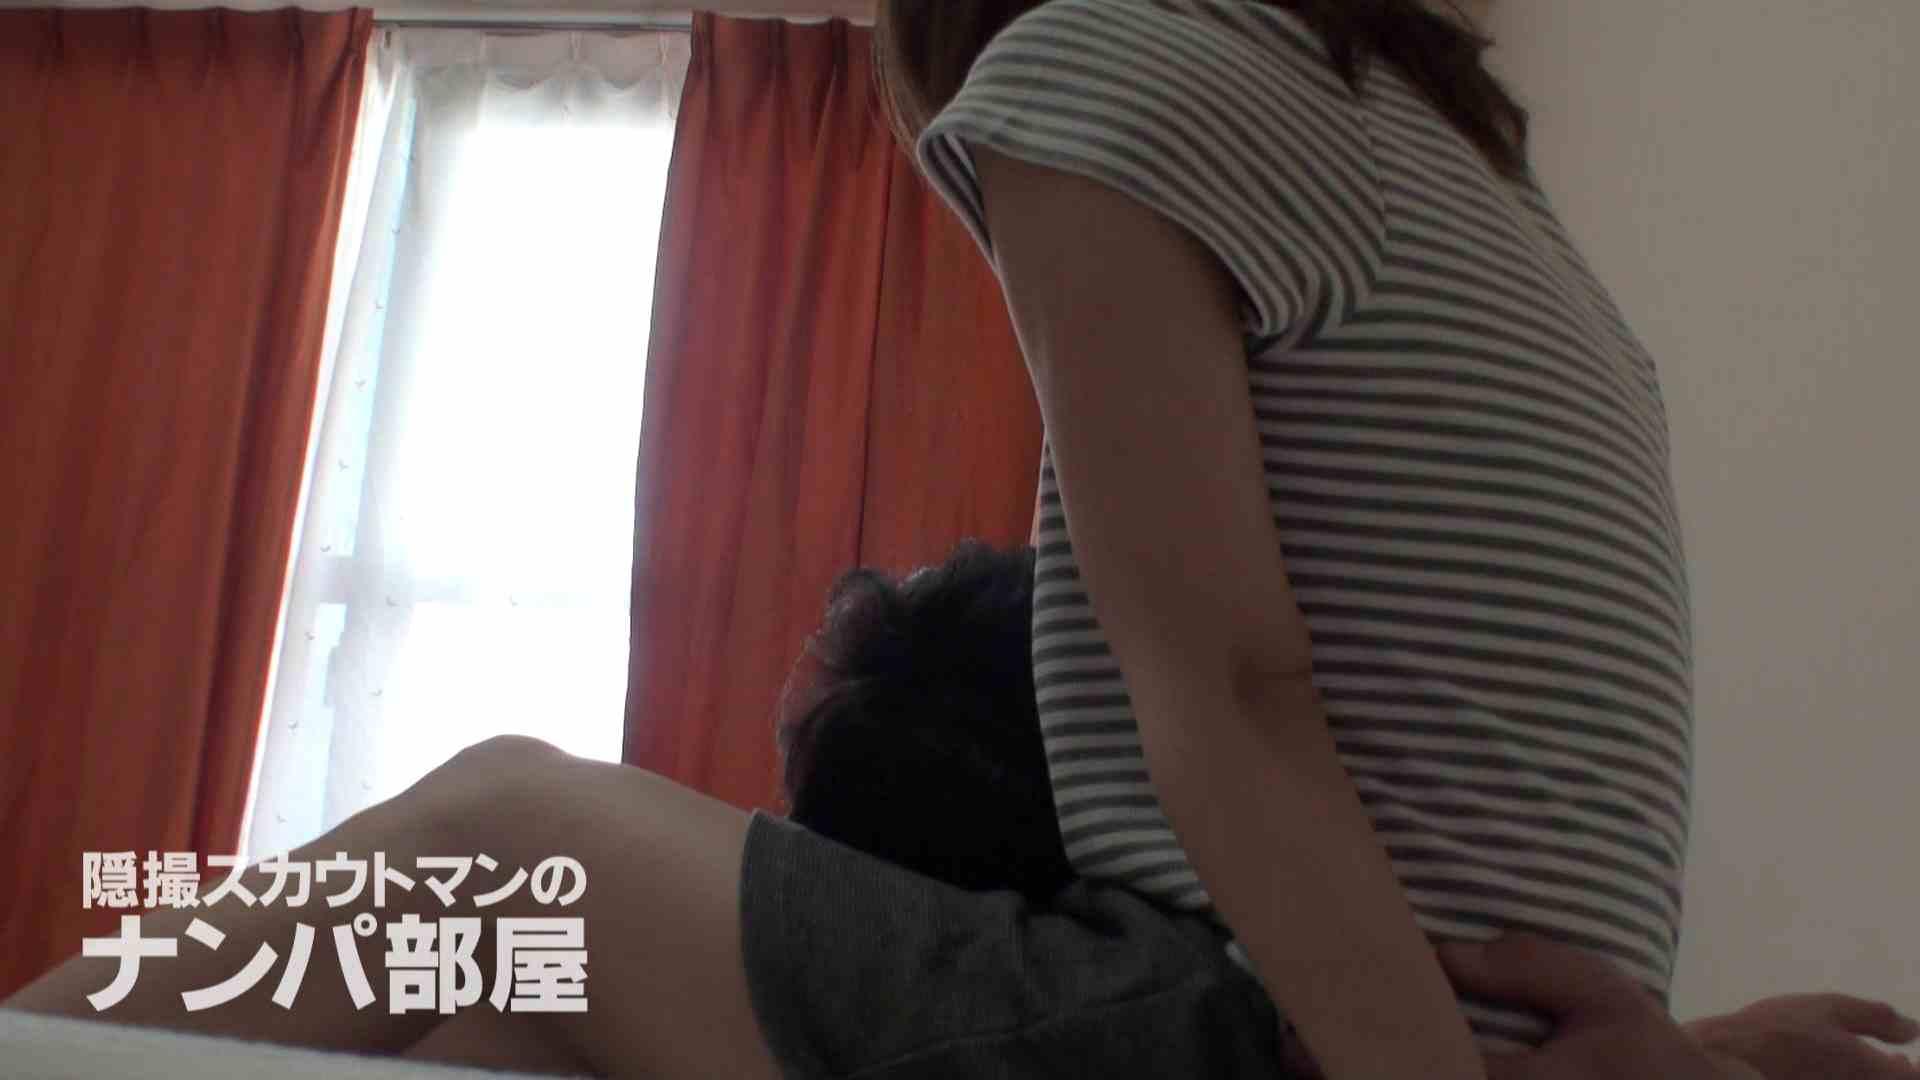 隠撮スカウトマンのナンパ部屋~風俗デビュー前のつまみ食い~ siivol.3 隠撮 | SEXプレイ  105連発 65